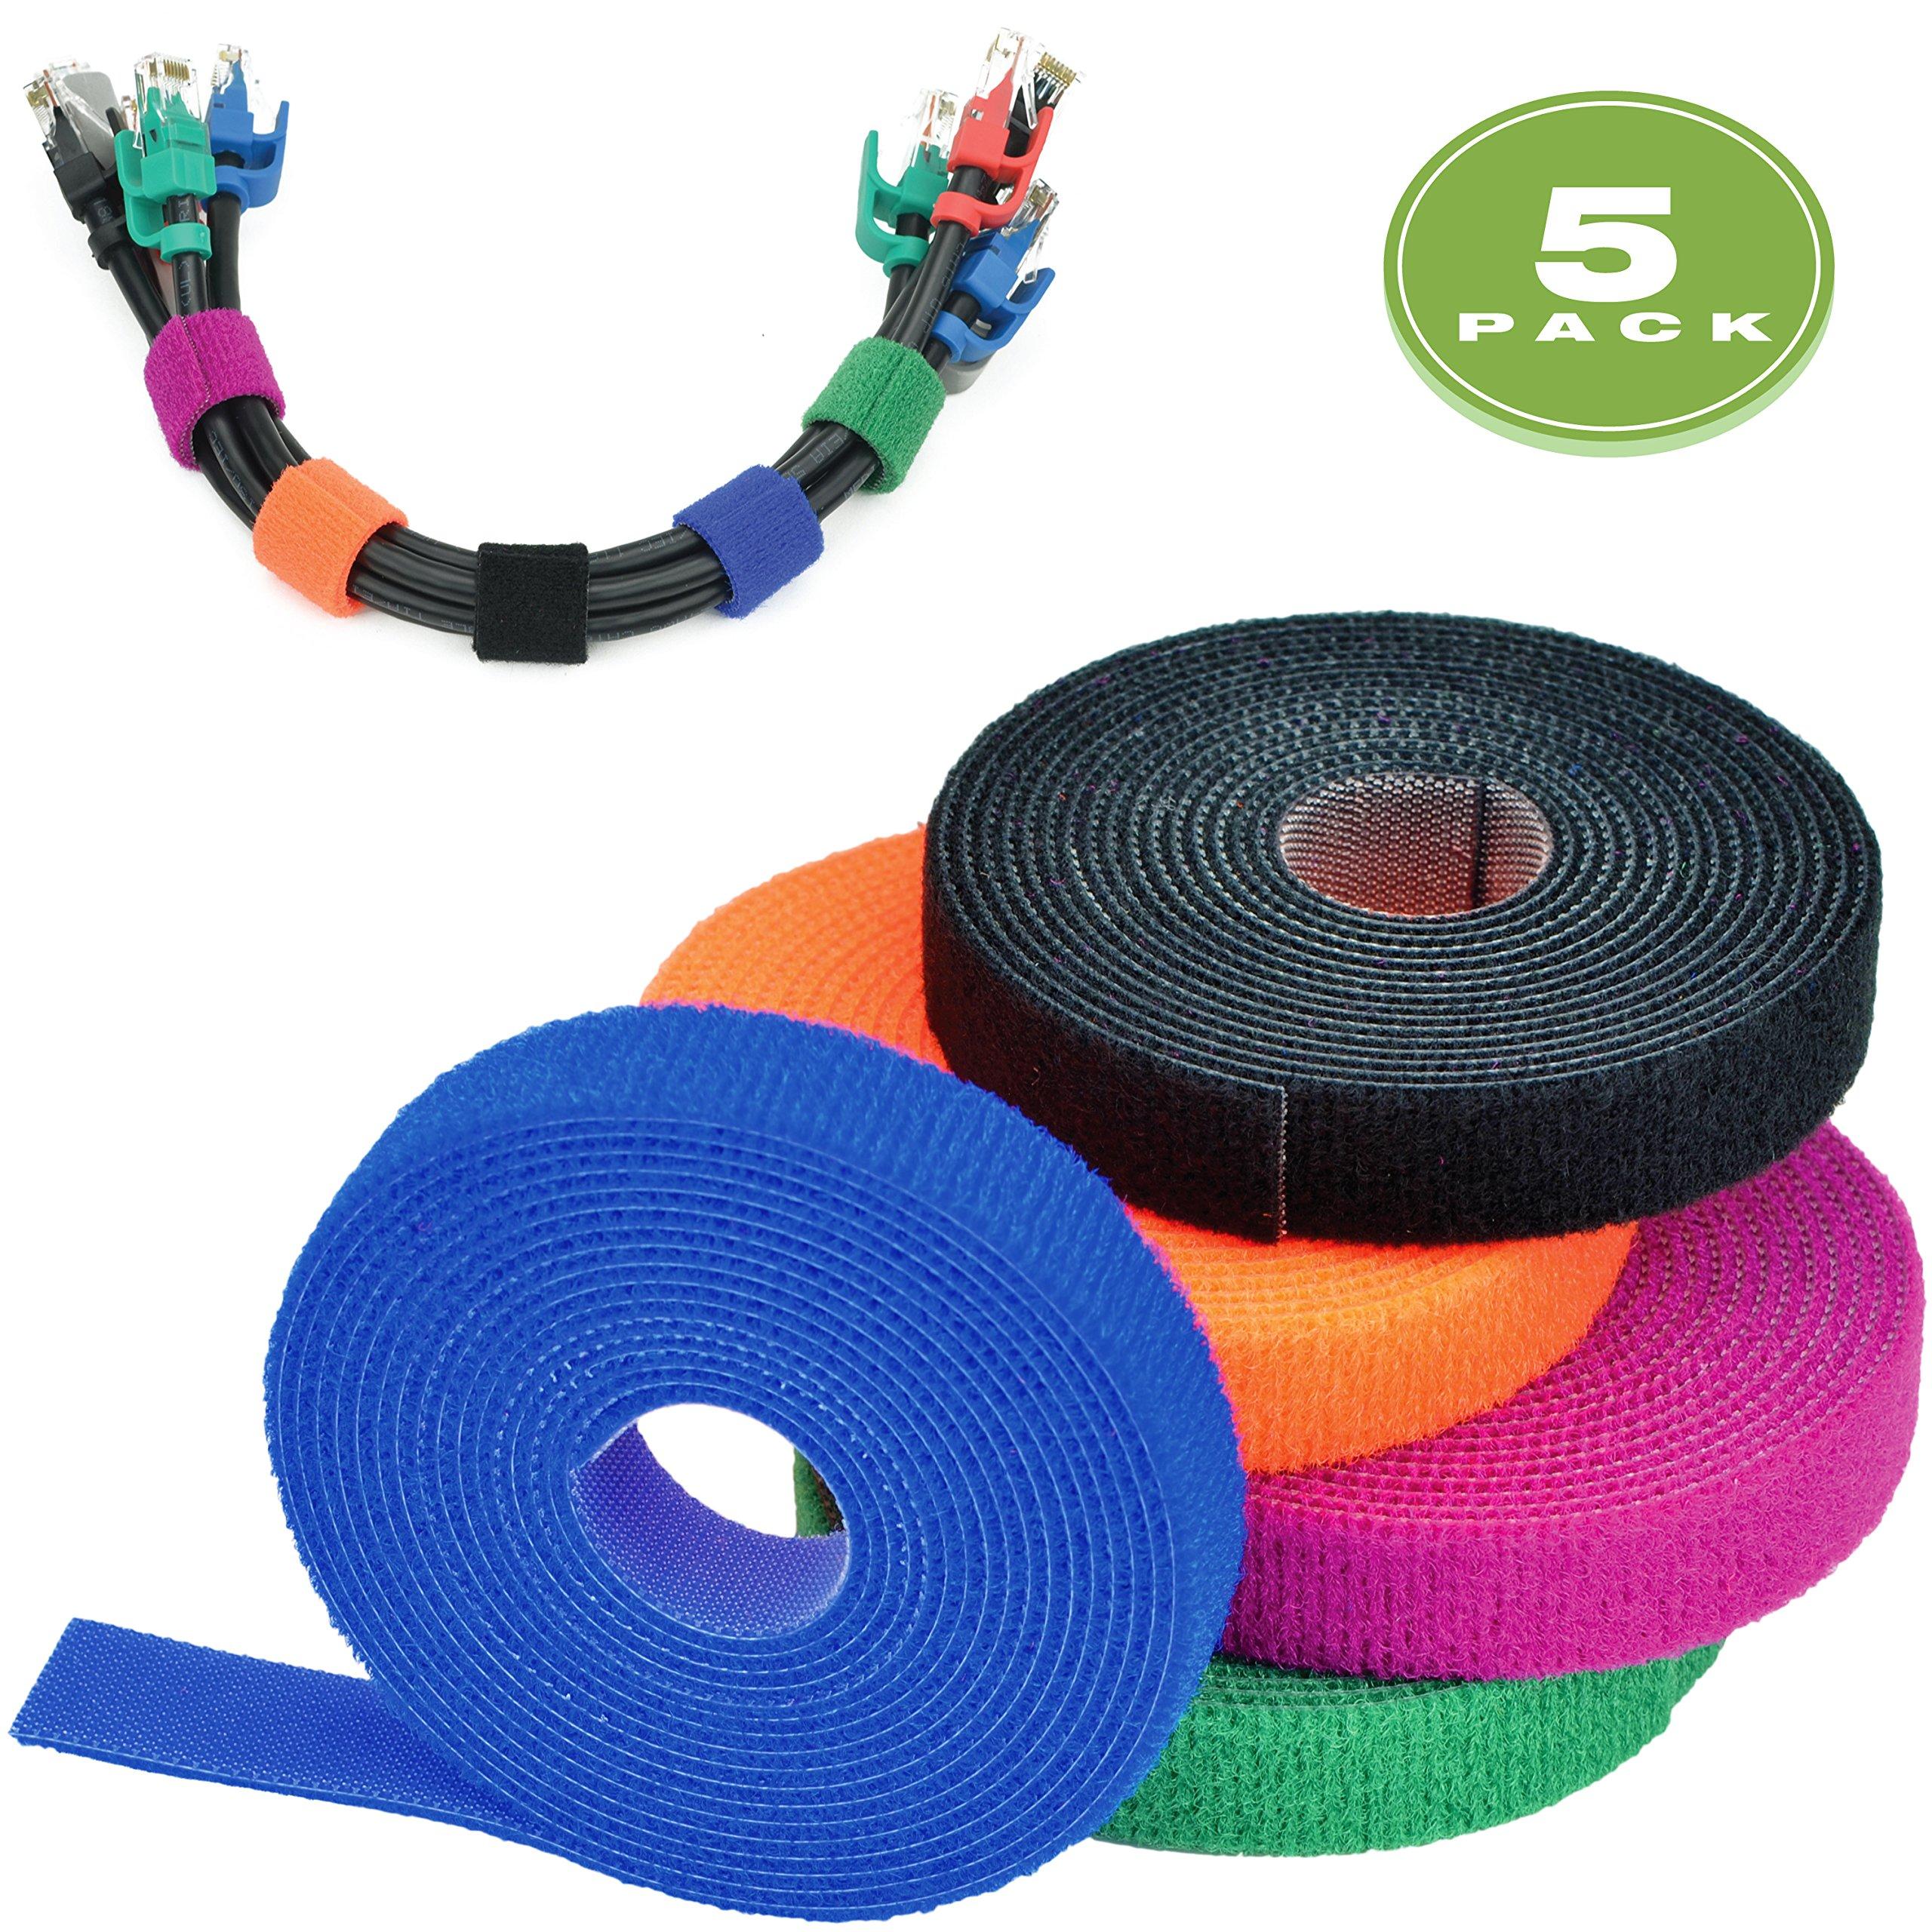 Mediabridge Cable Management Straps Multicolor 5-Pack (8 Feet) - 15MM Width - Adustable & Reusable (Part# CM5-15-08X5M )